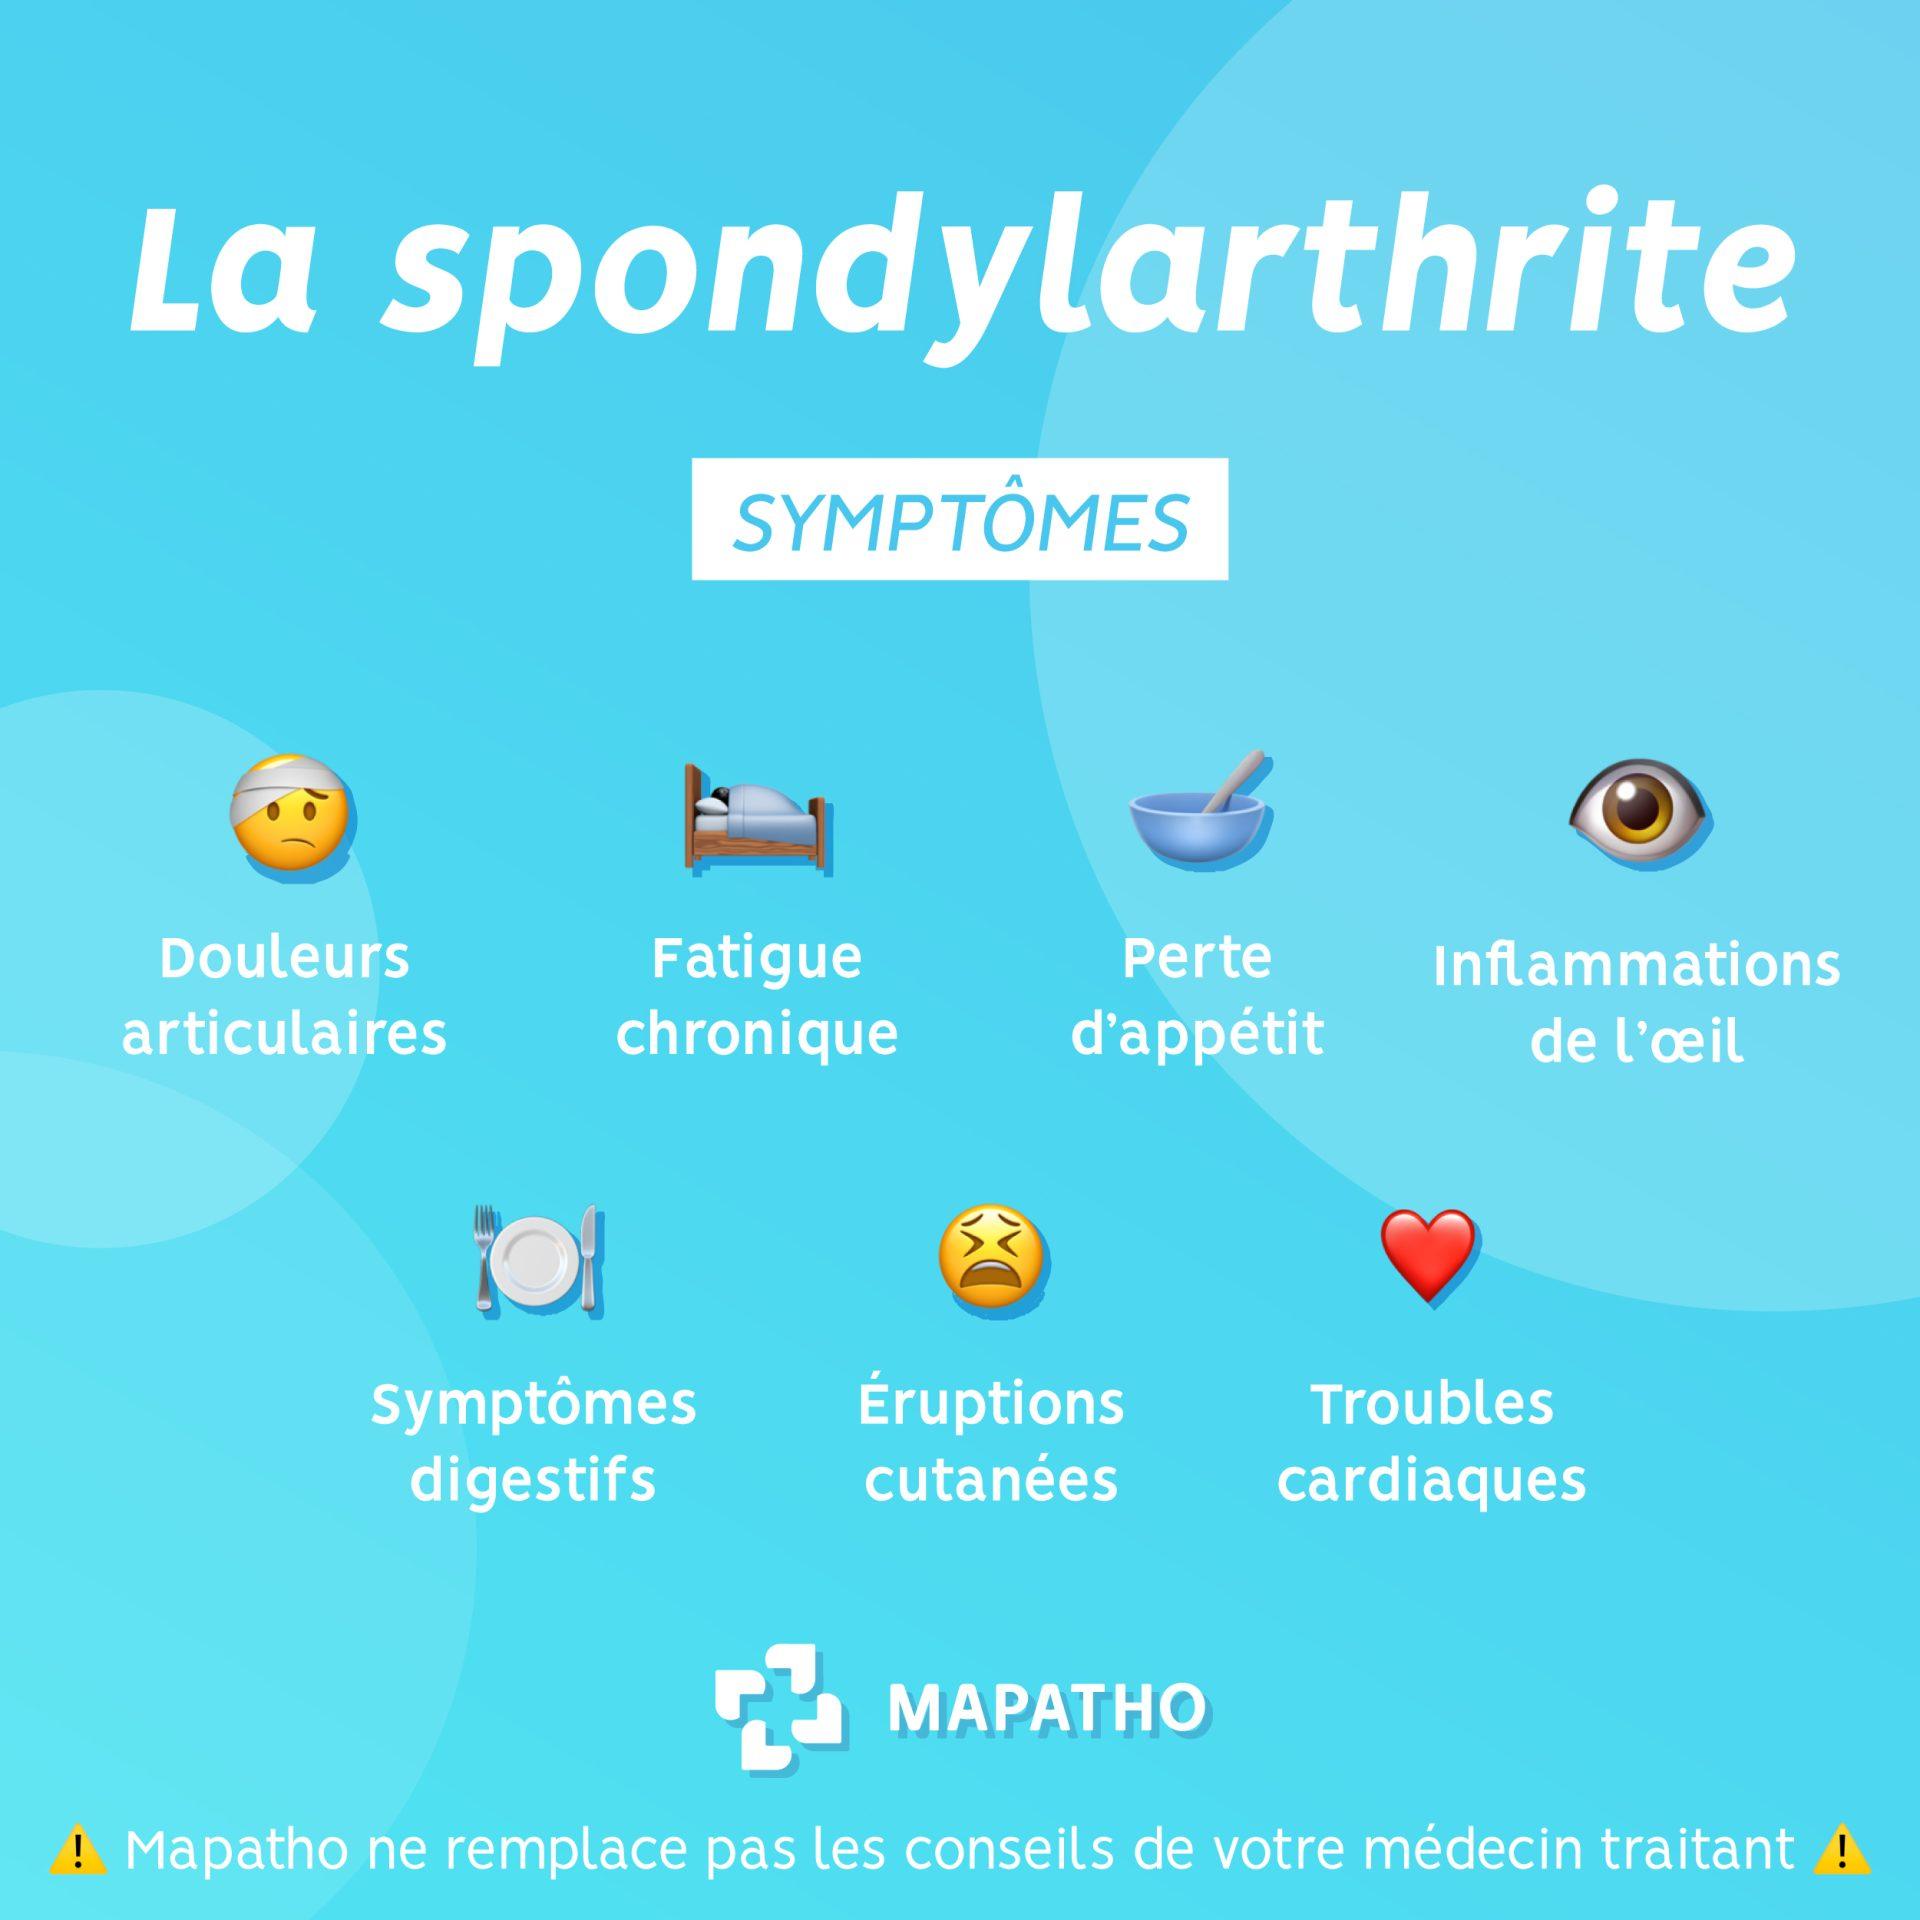 symptomes-spondylarthrite